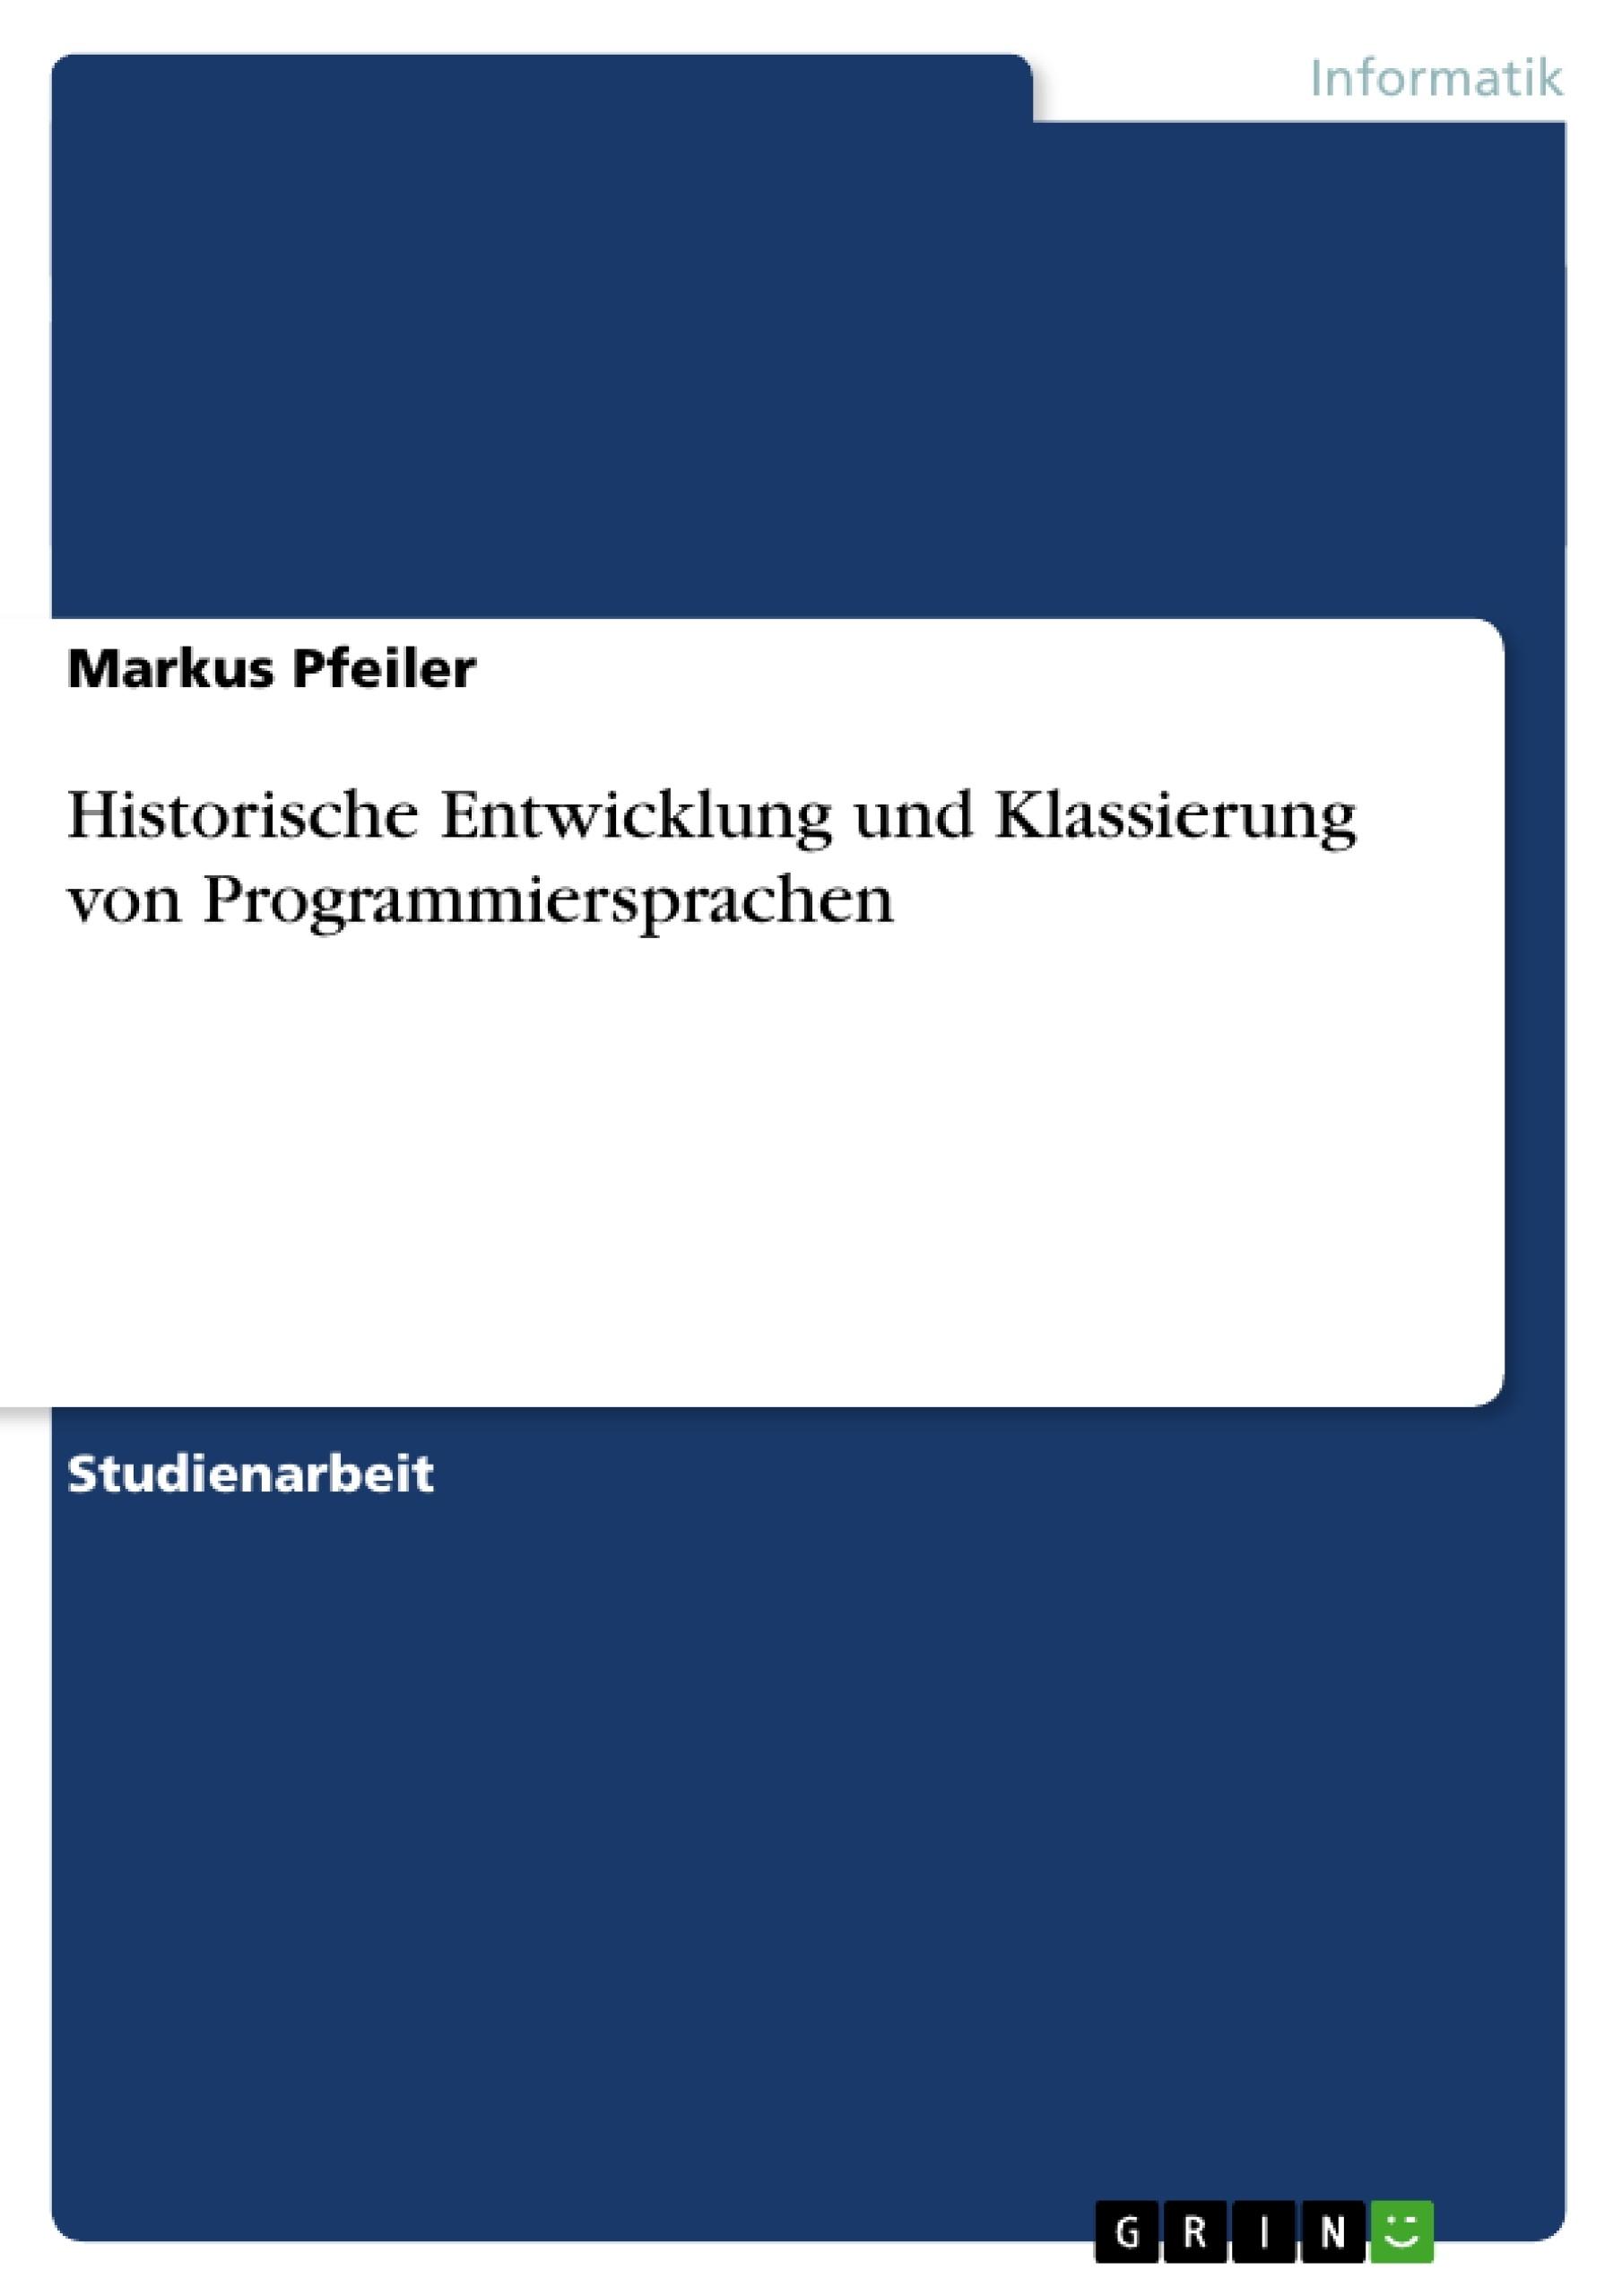 Titel: Historische Entwicklung und Klassierung von Programmiersprachen